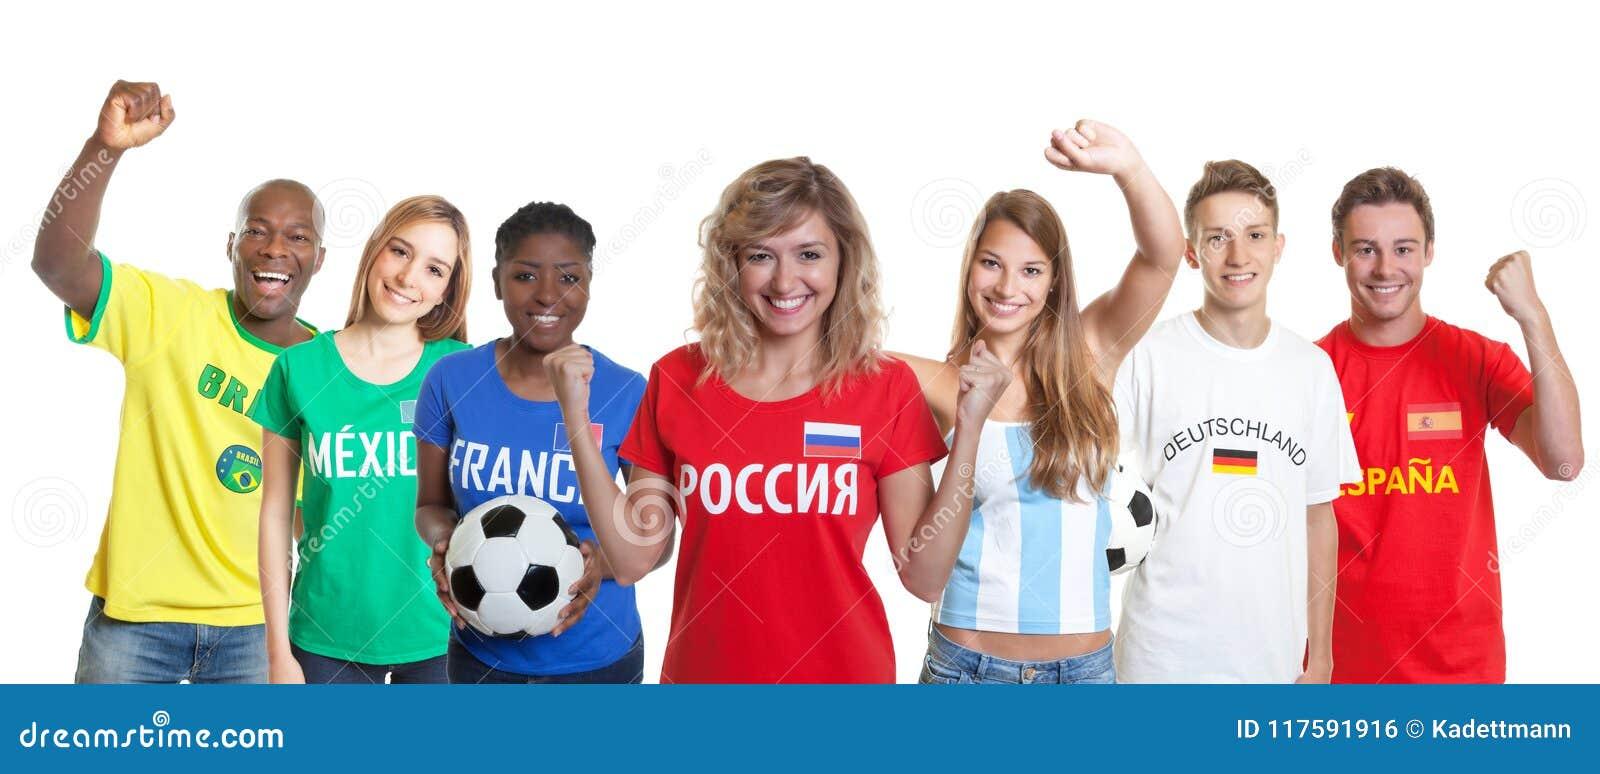 Suporte Cheering do futebol do russo com os fãs de outros países